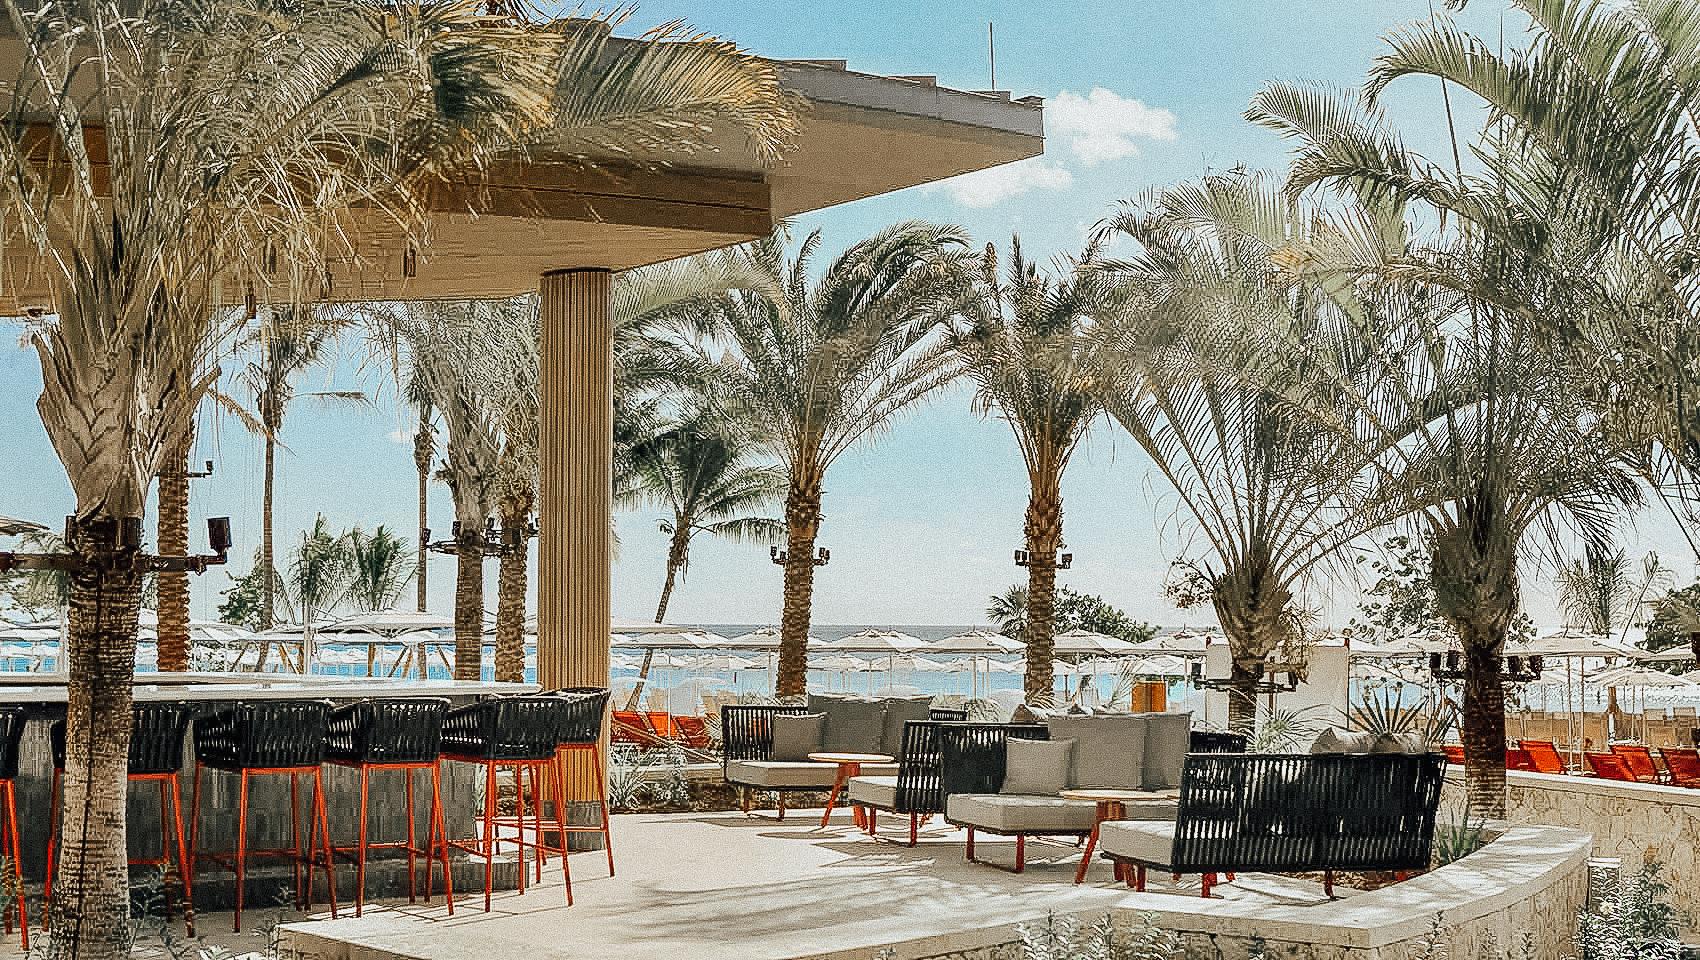 109-pool-restaurant-0022-017b60d9.jpg